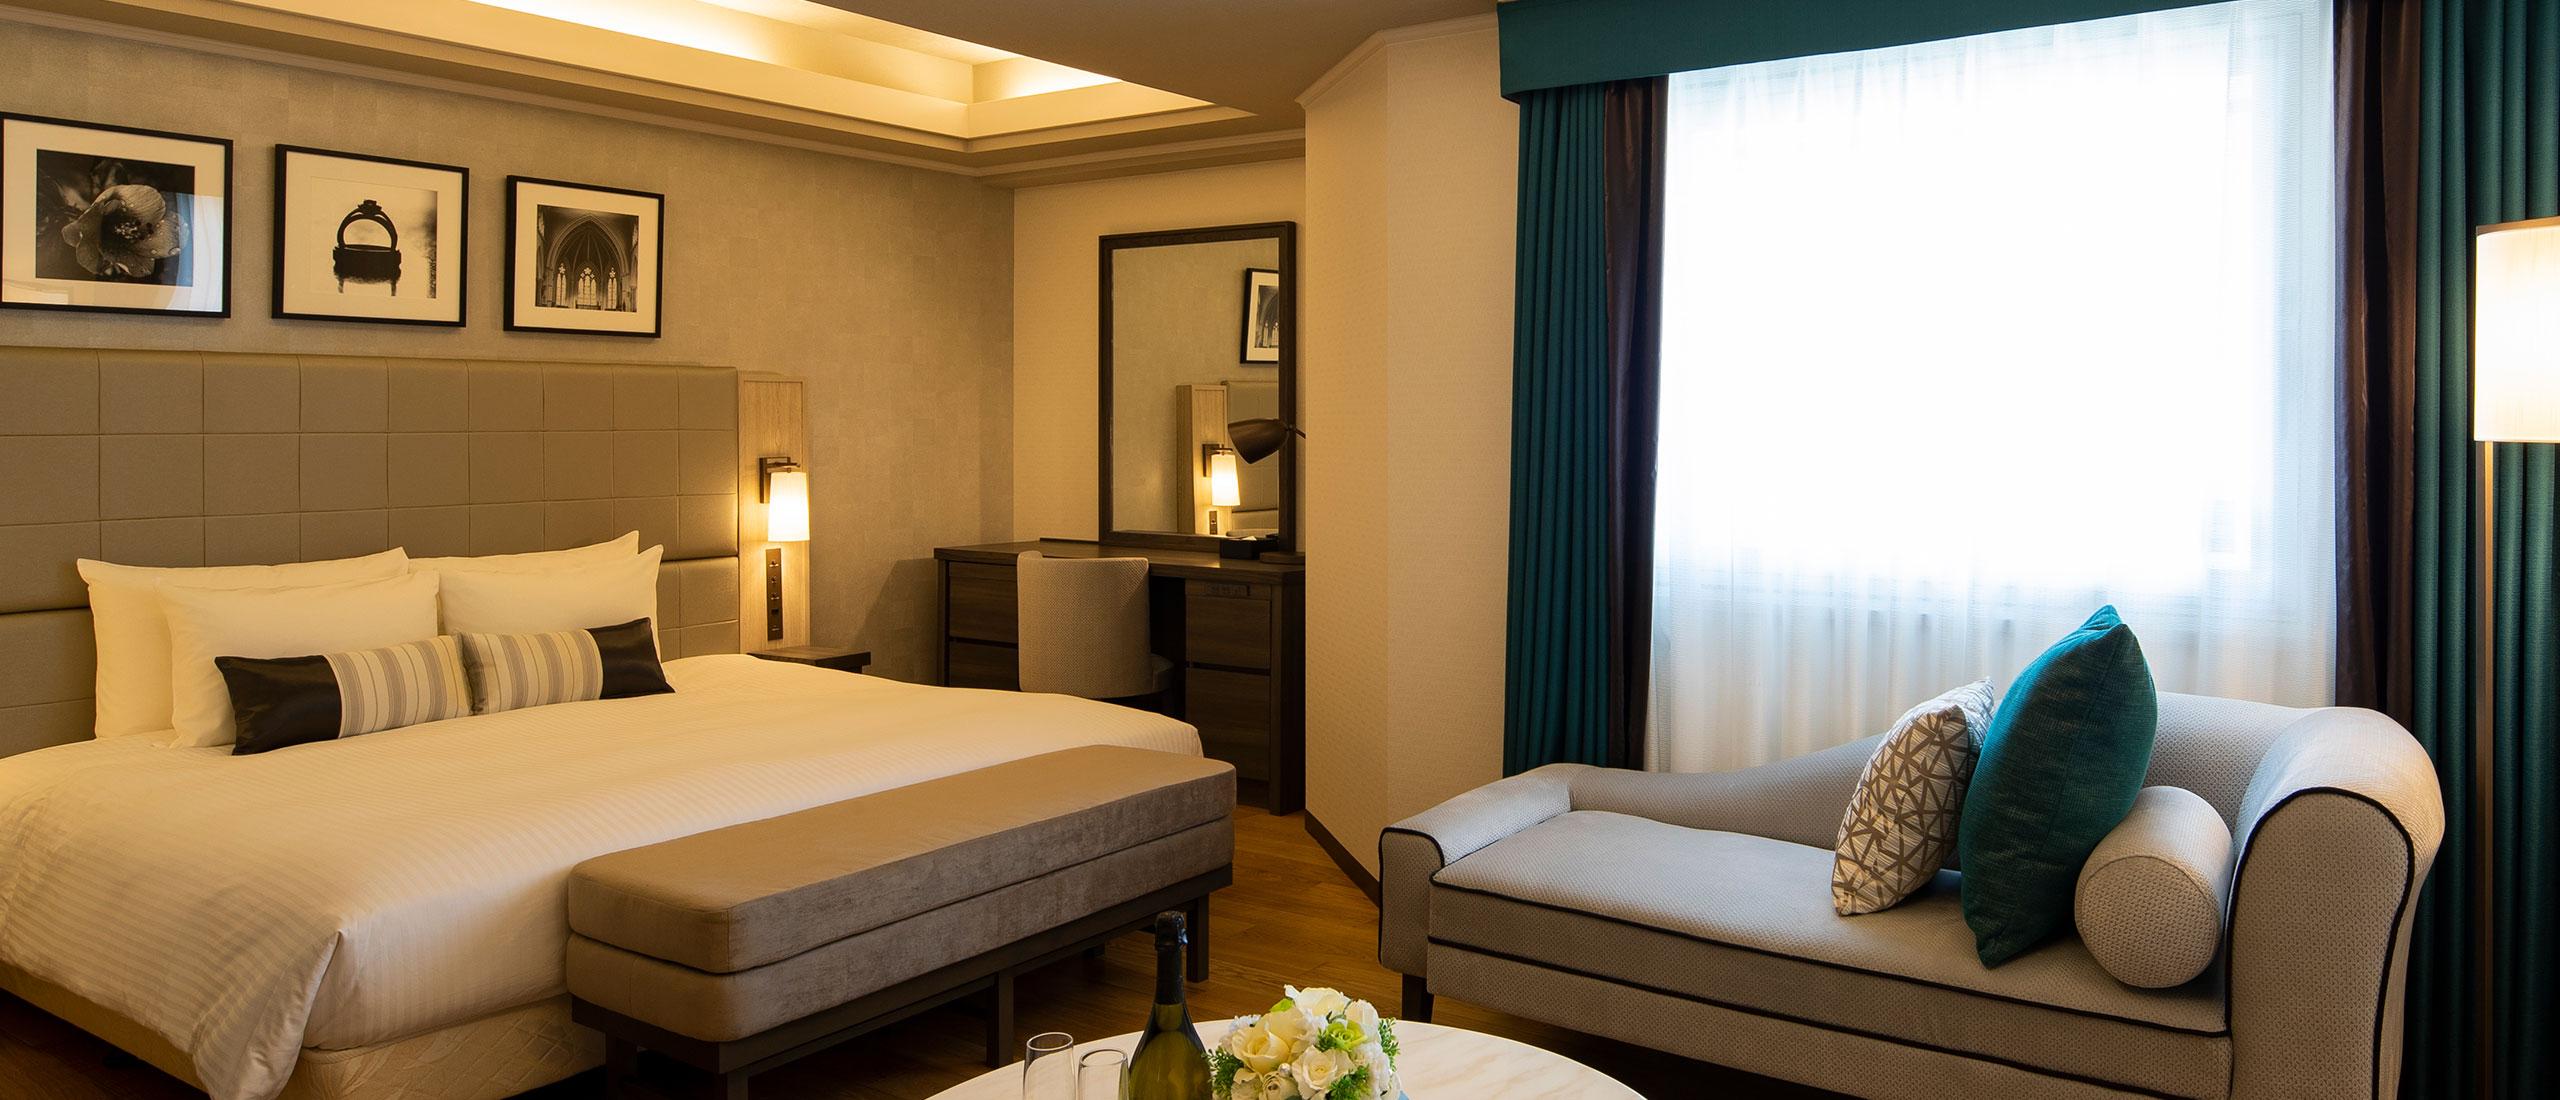 Shin-Yokohama Grace hotel guest room